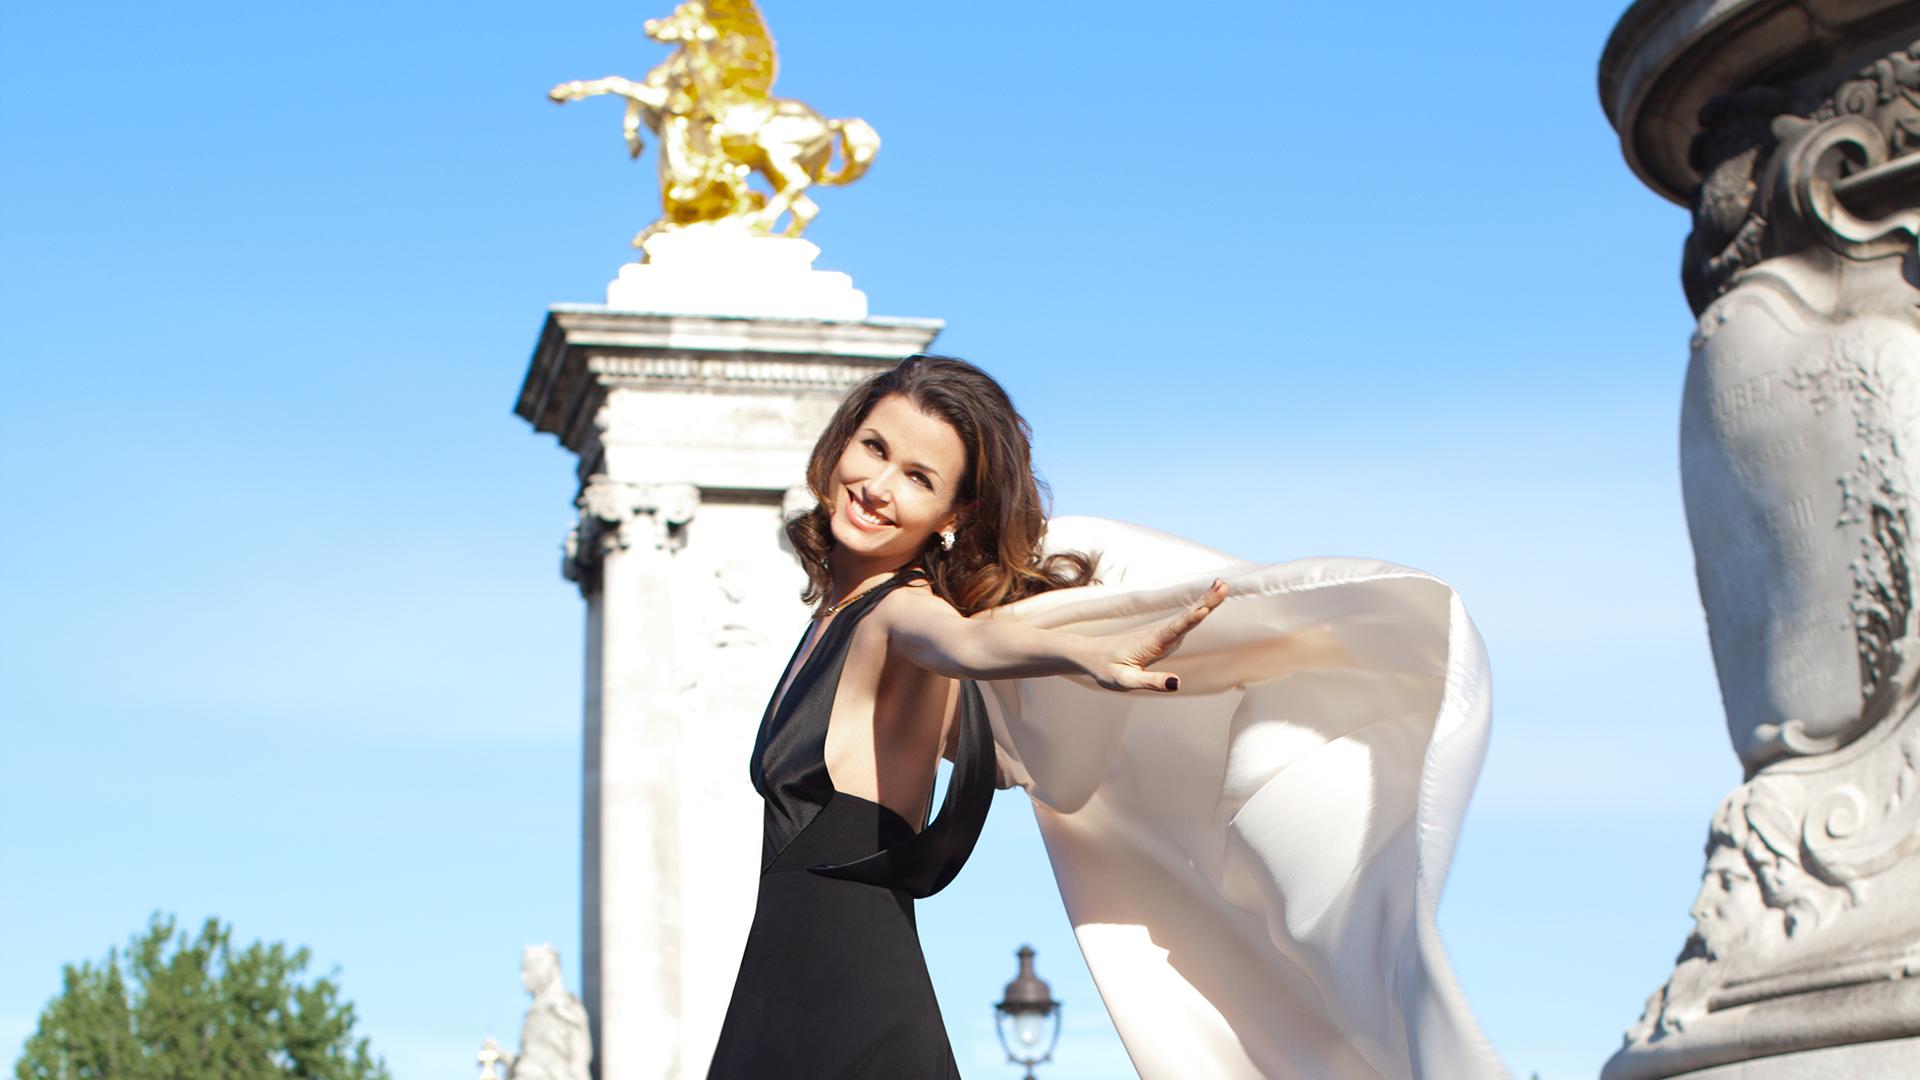 Bridget Moynahan's beauty lights up Paris